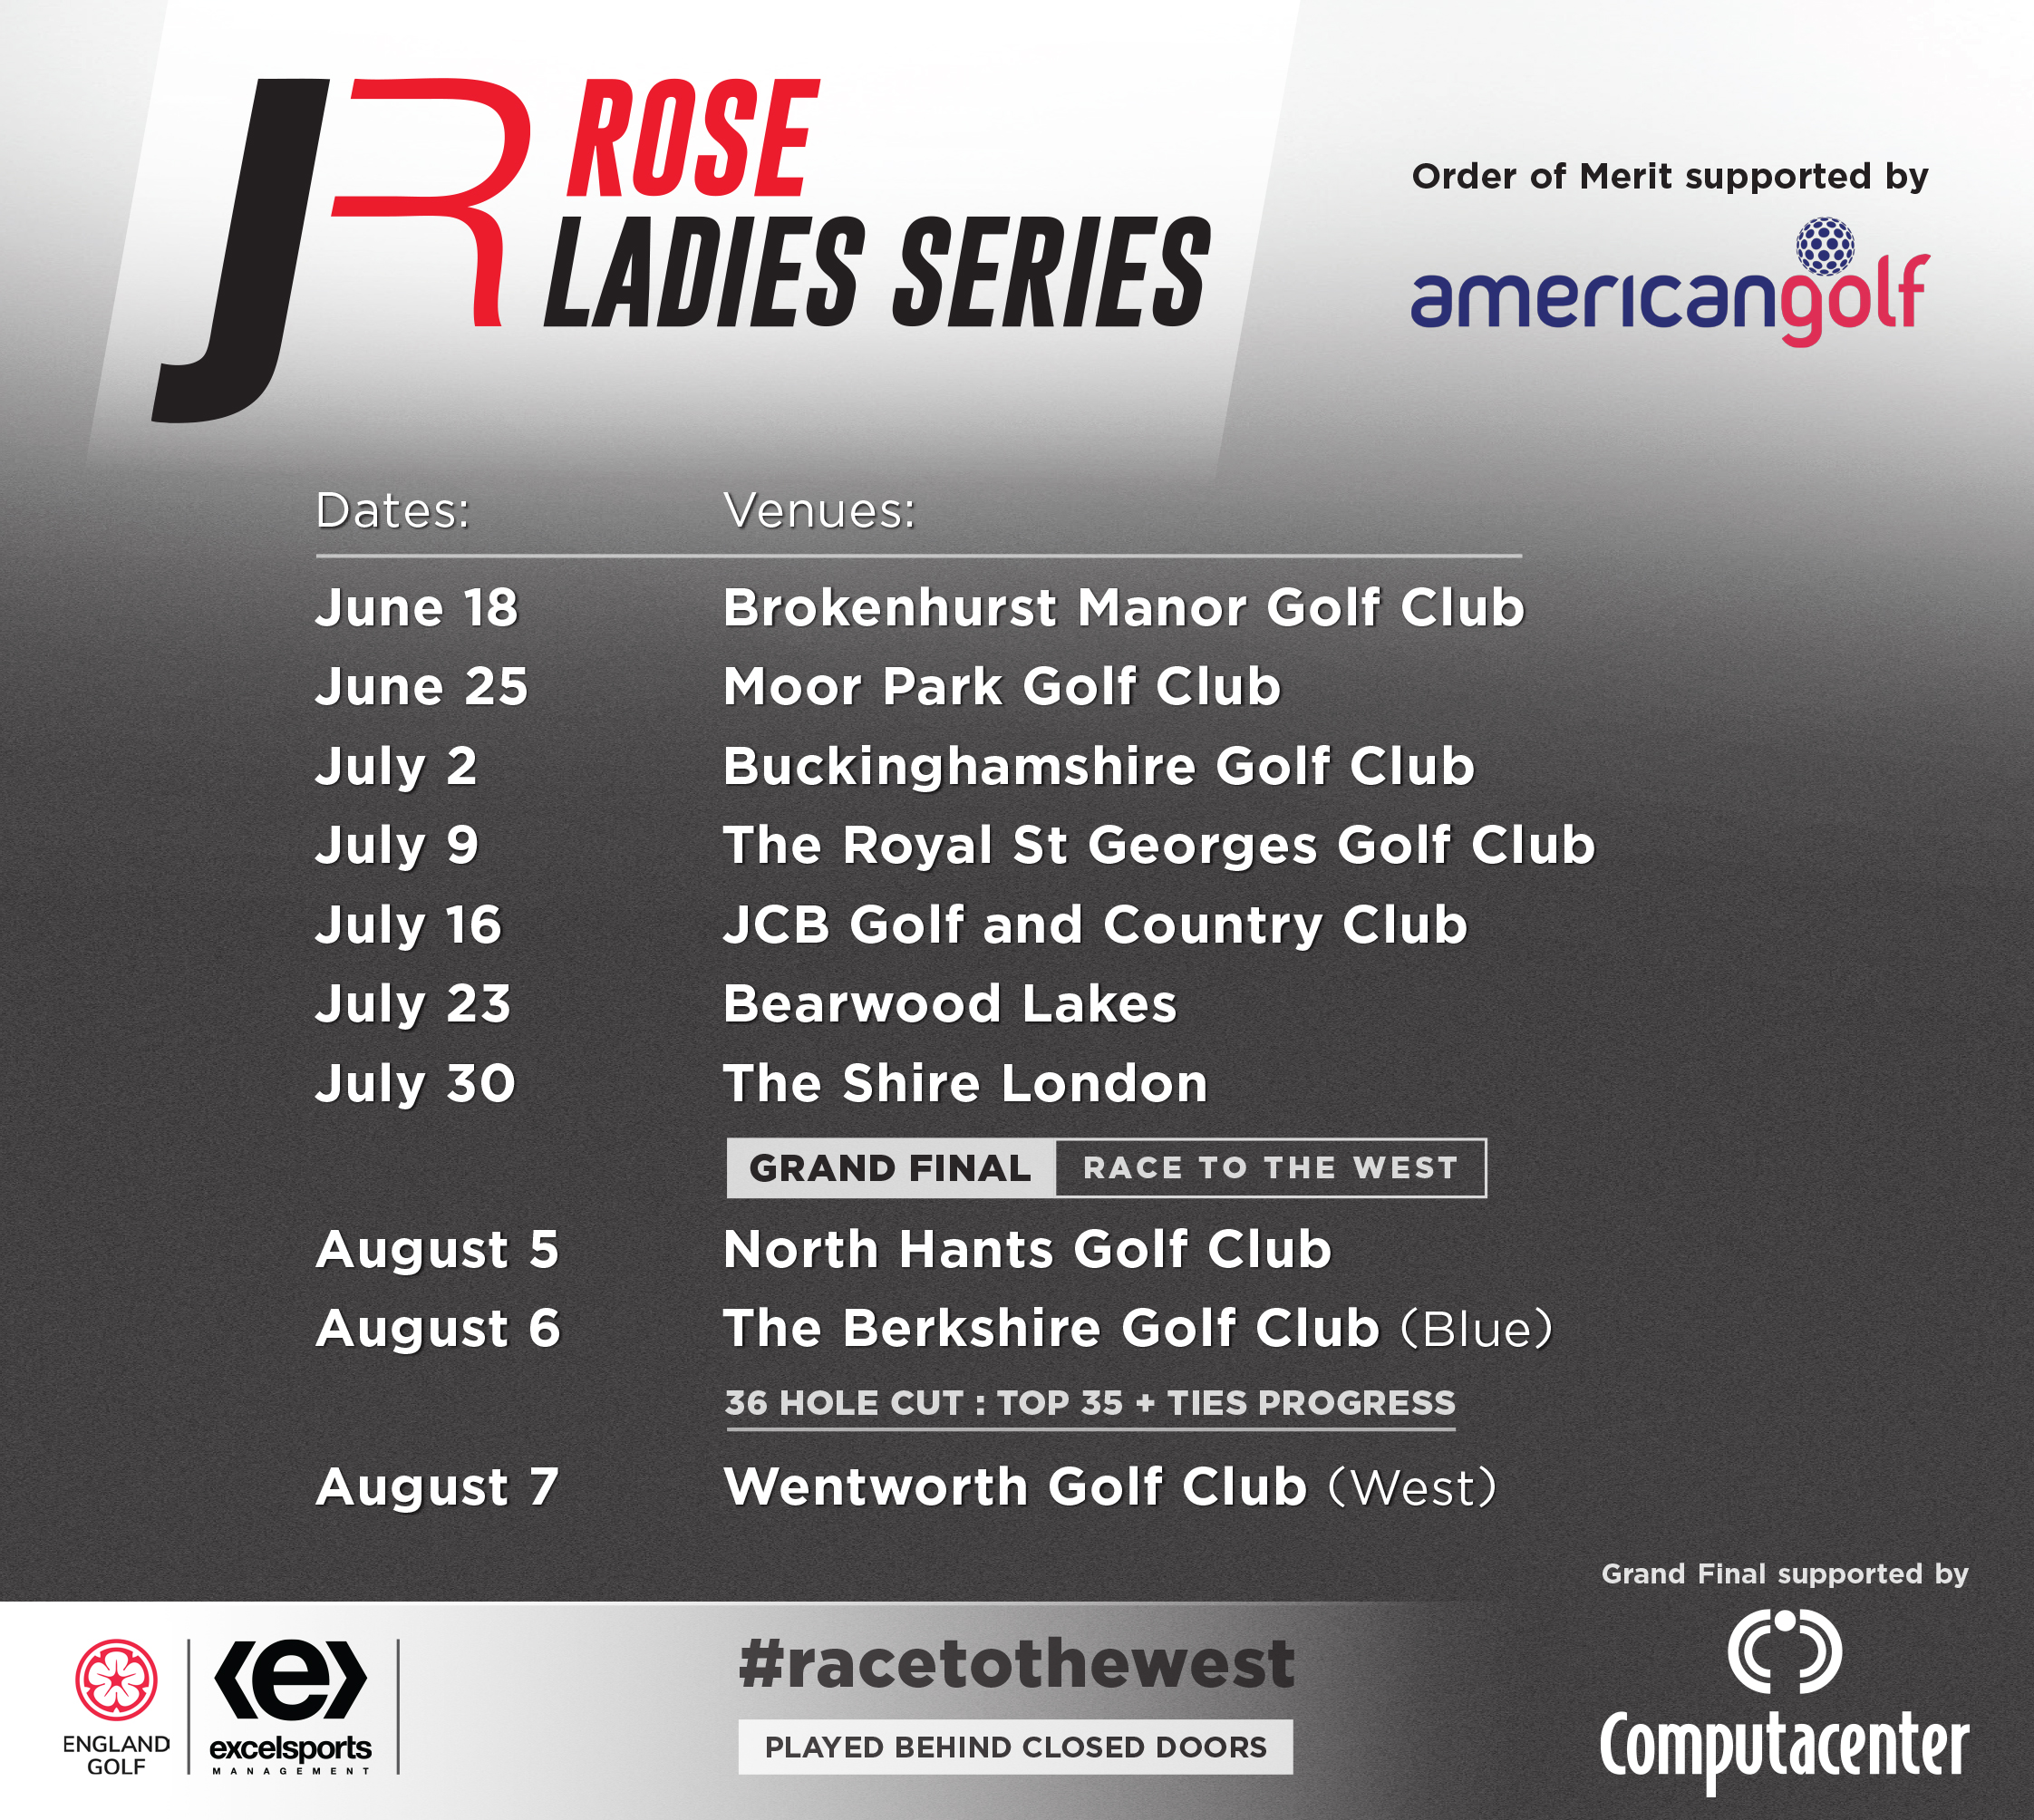 Rose ladies series 10 venues